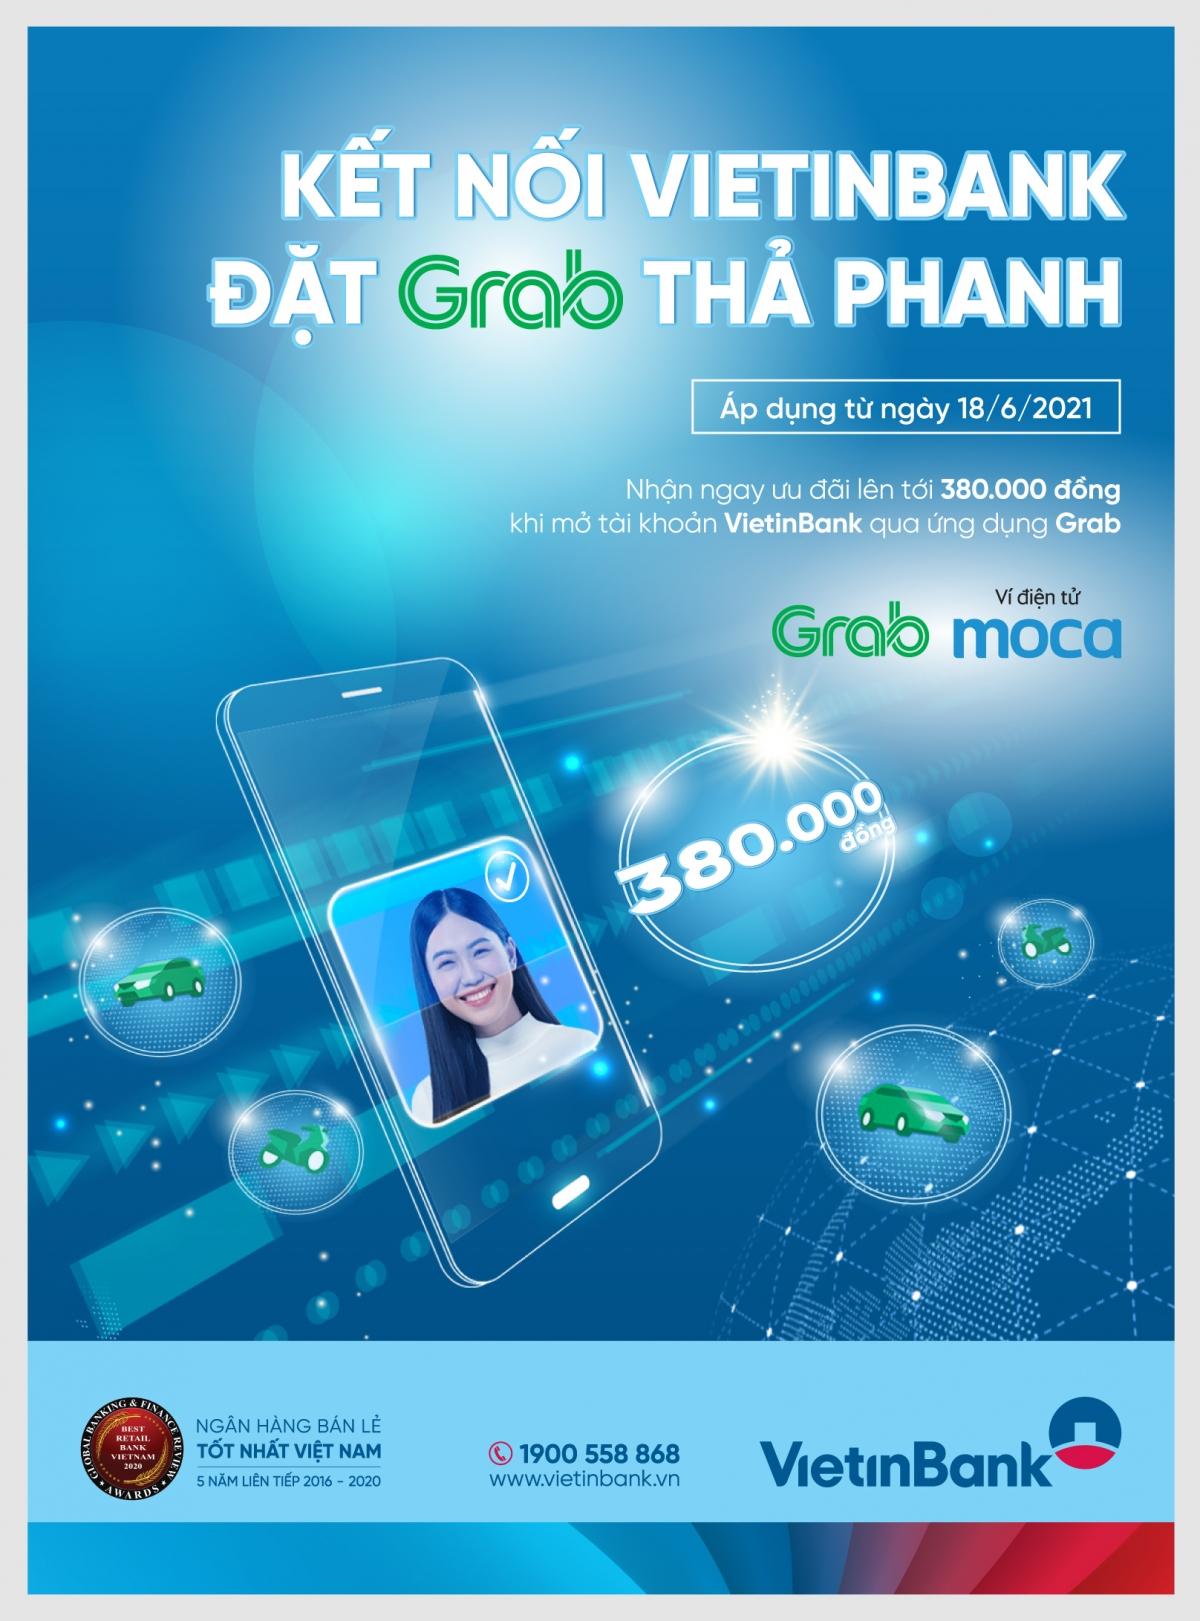 Nhiều ưu đãi cho khách hàng mở thẻ Vietinbank qua ứng dụng Grab.